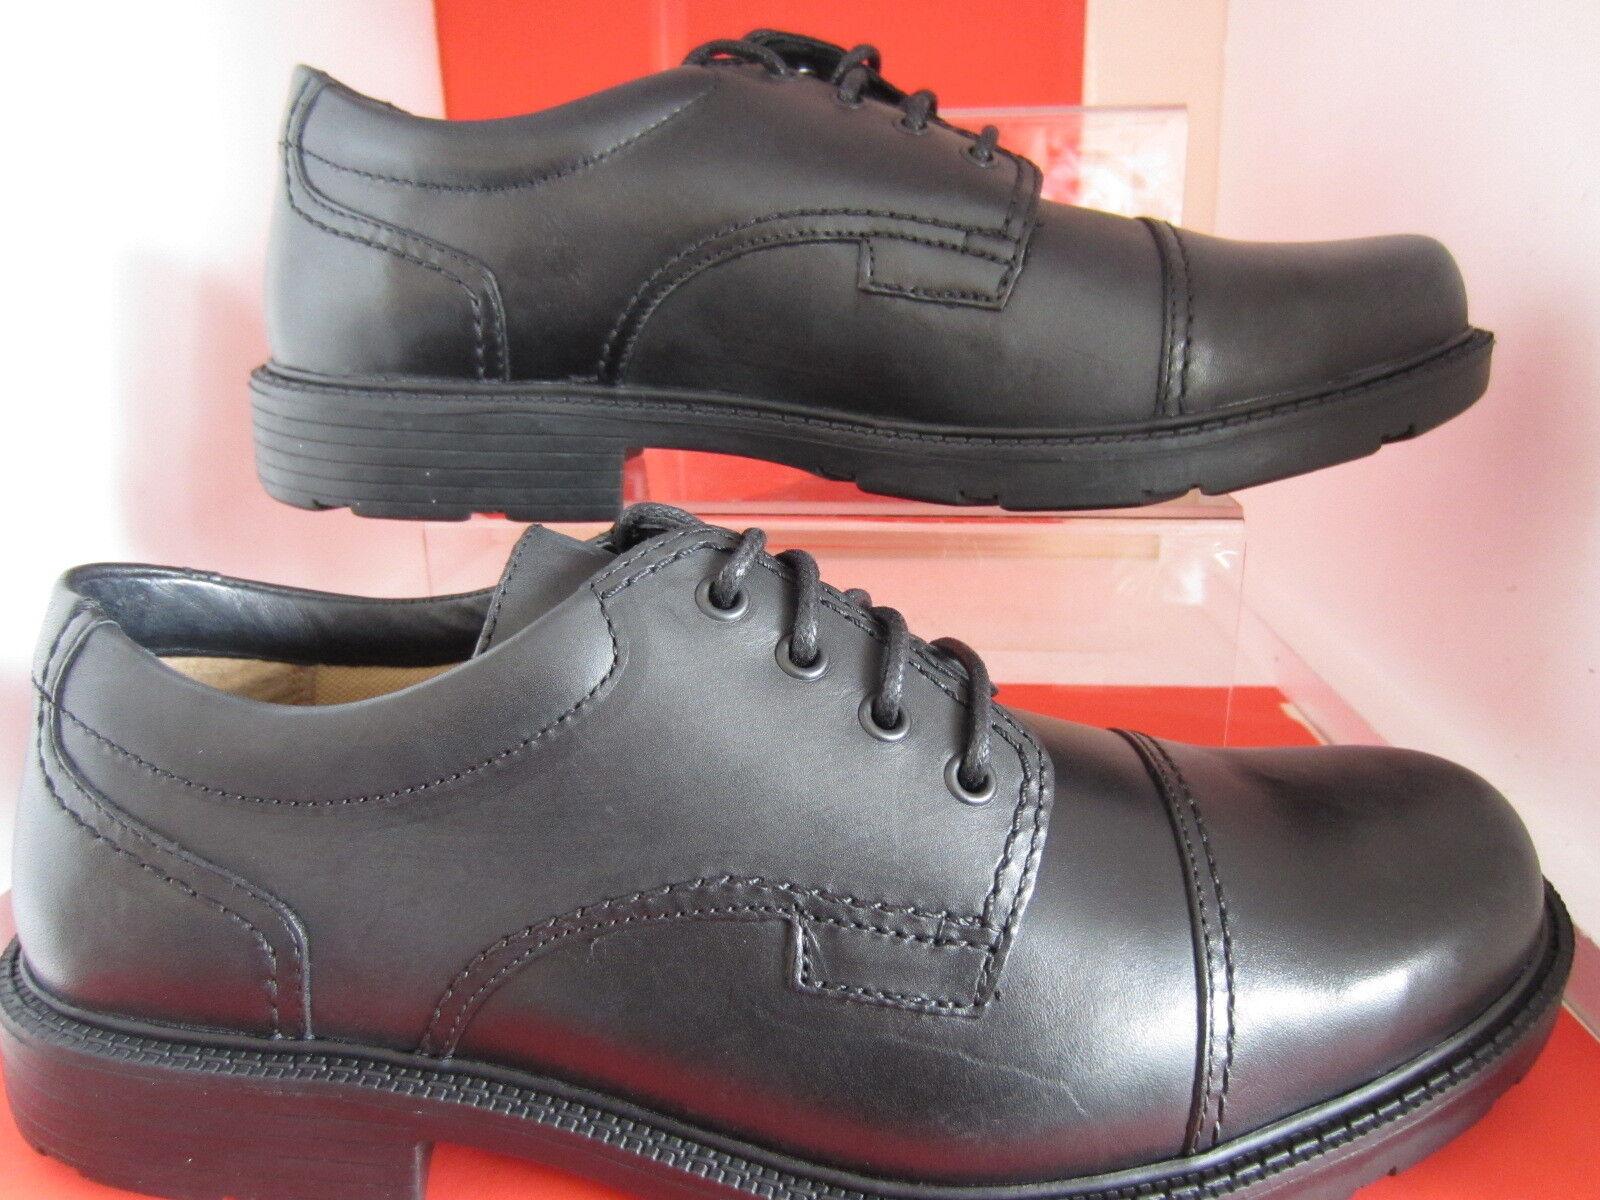 Clarks Negros Hombre LAIR Gorra Zapatos Negros Clarks De Piel Tamaños 6 x 12 Ajuste G (Mr. ) 2fdef2